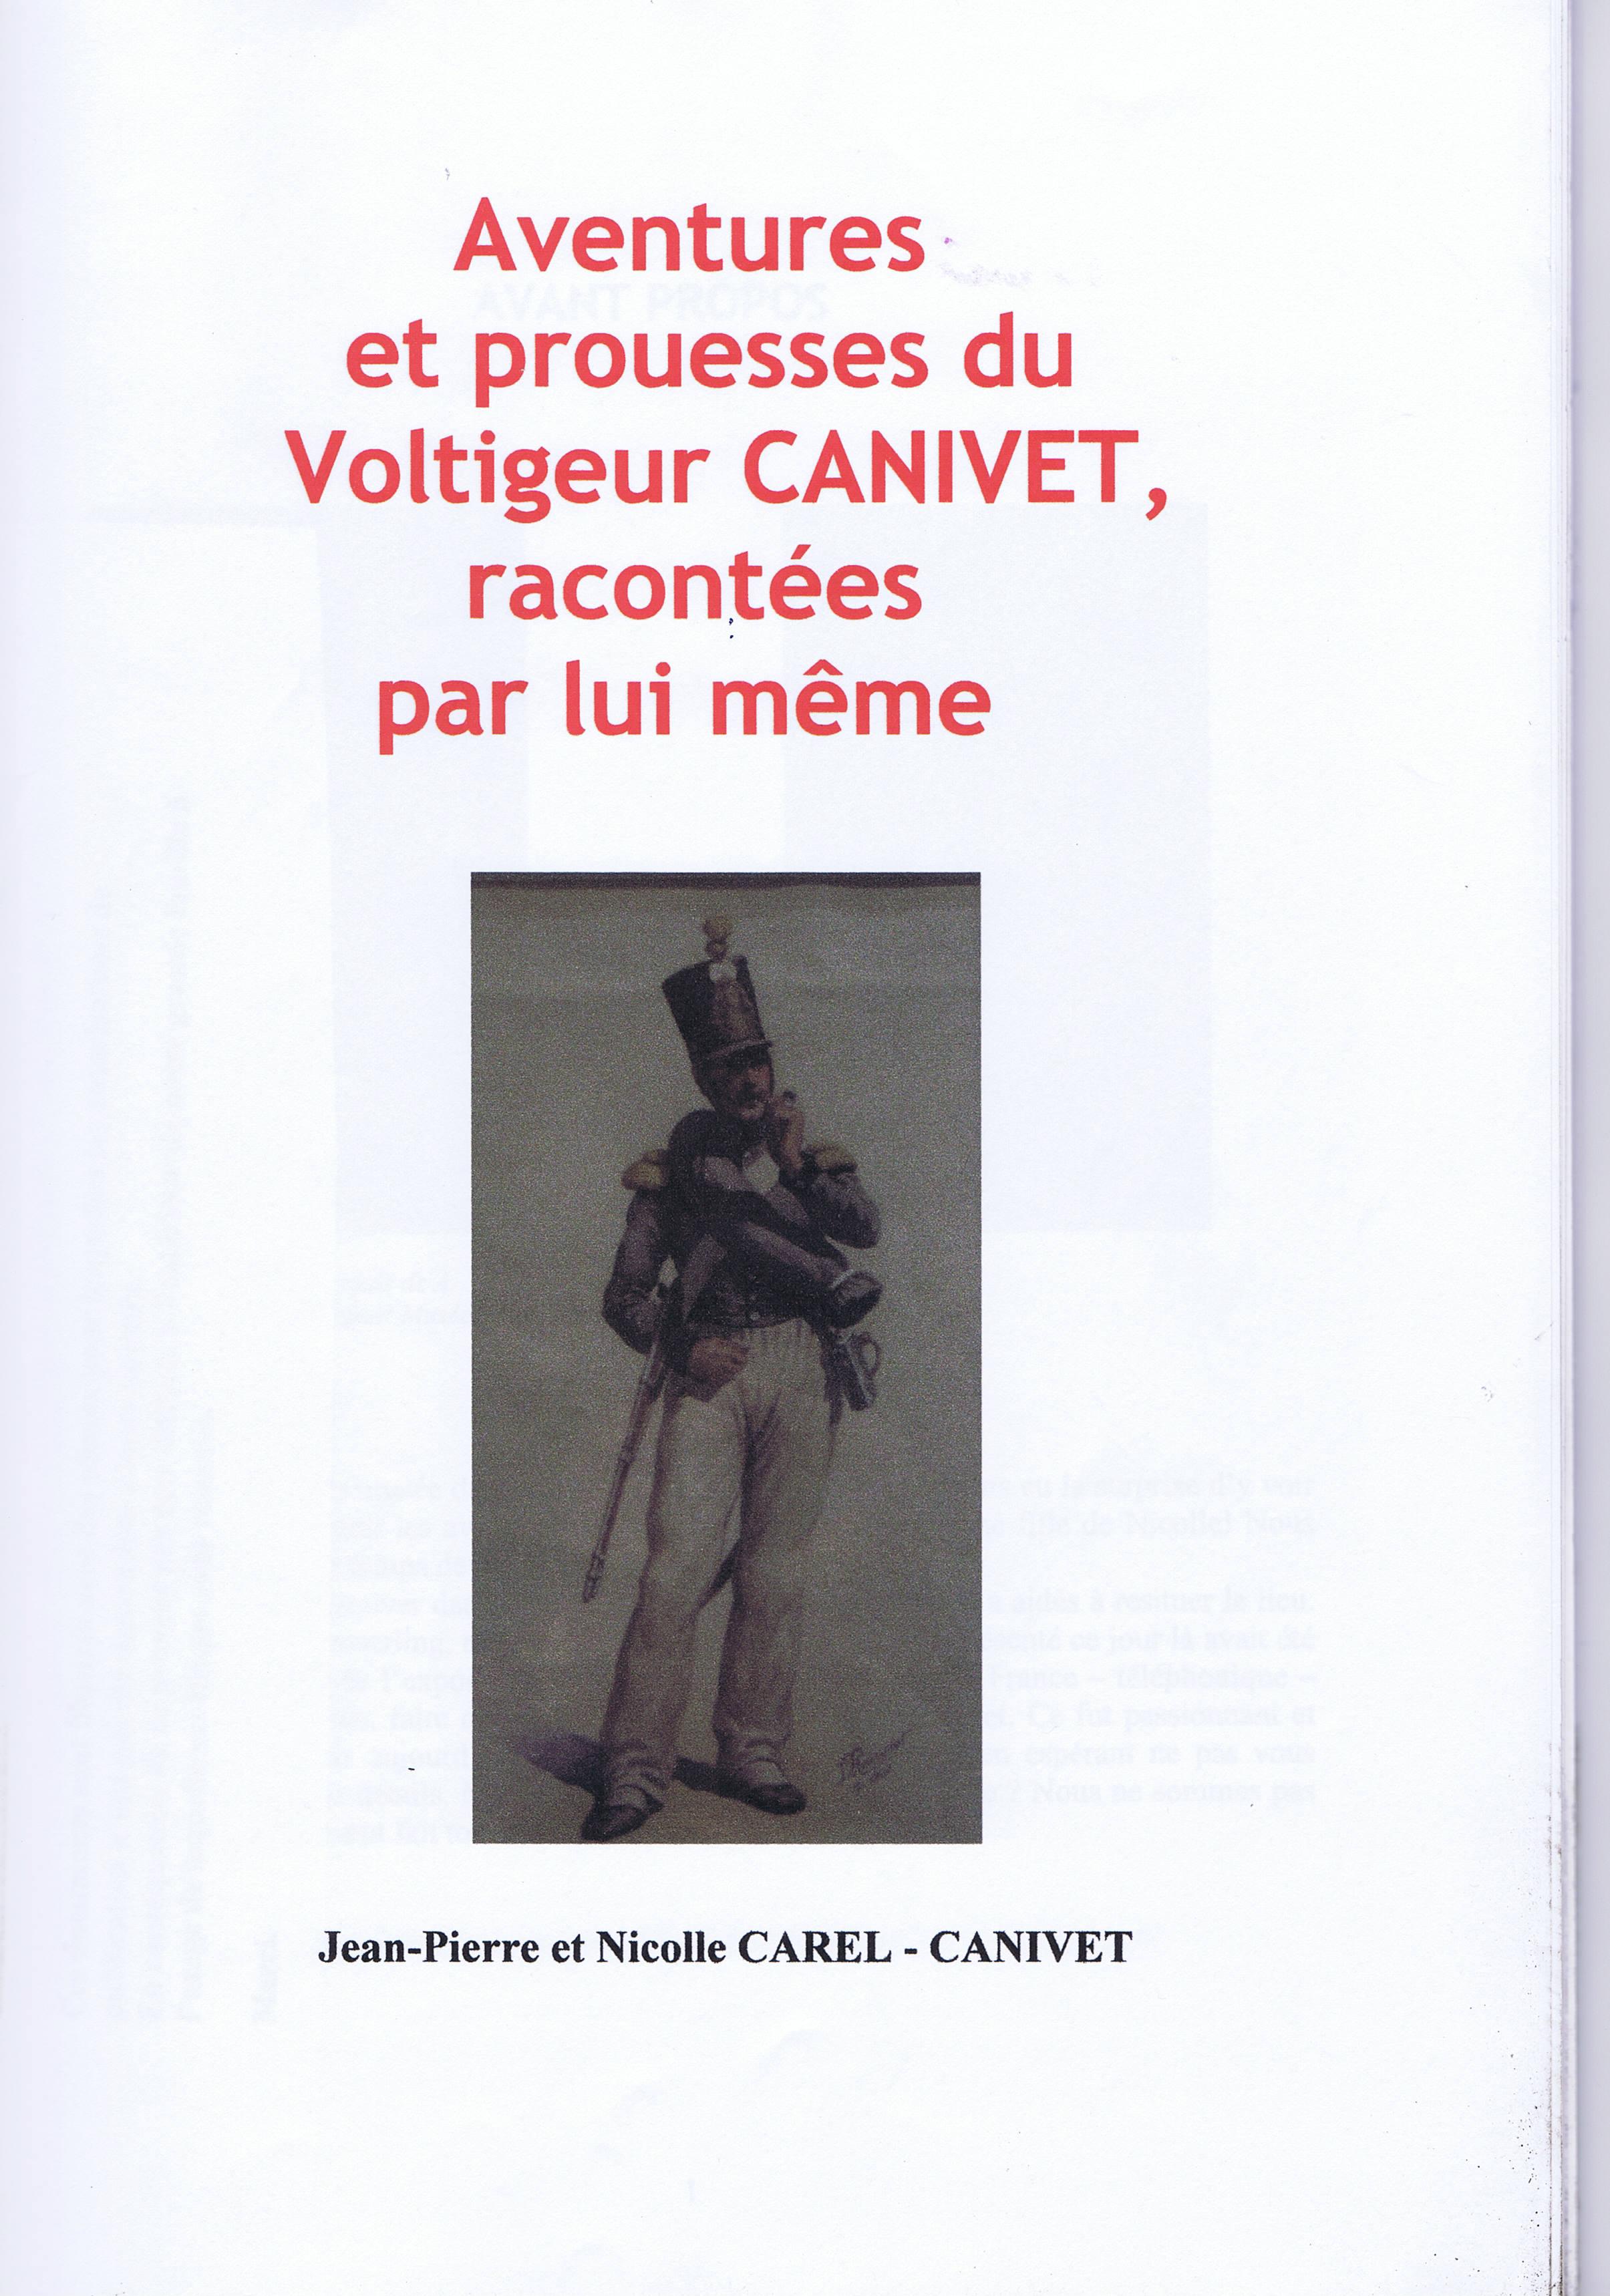 voltigeur-canivet_carel-canivet_2007